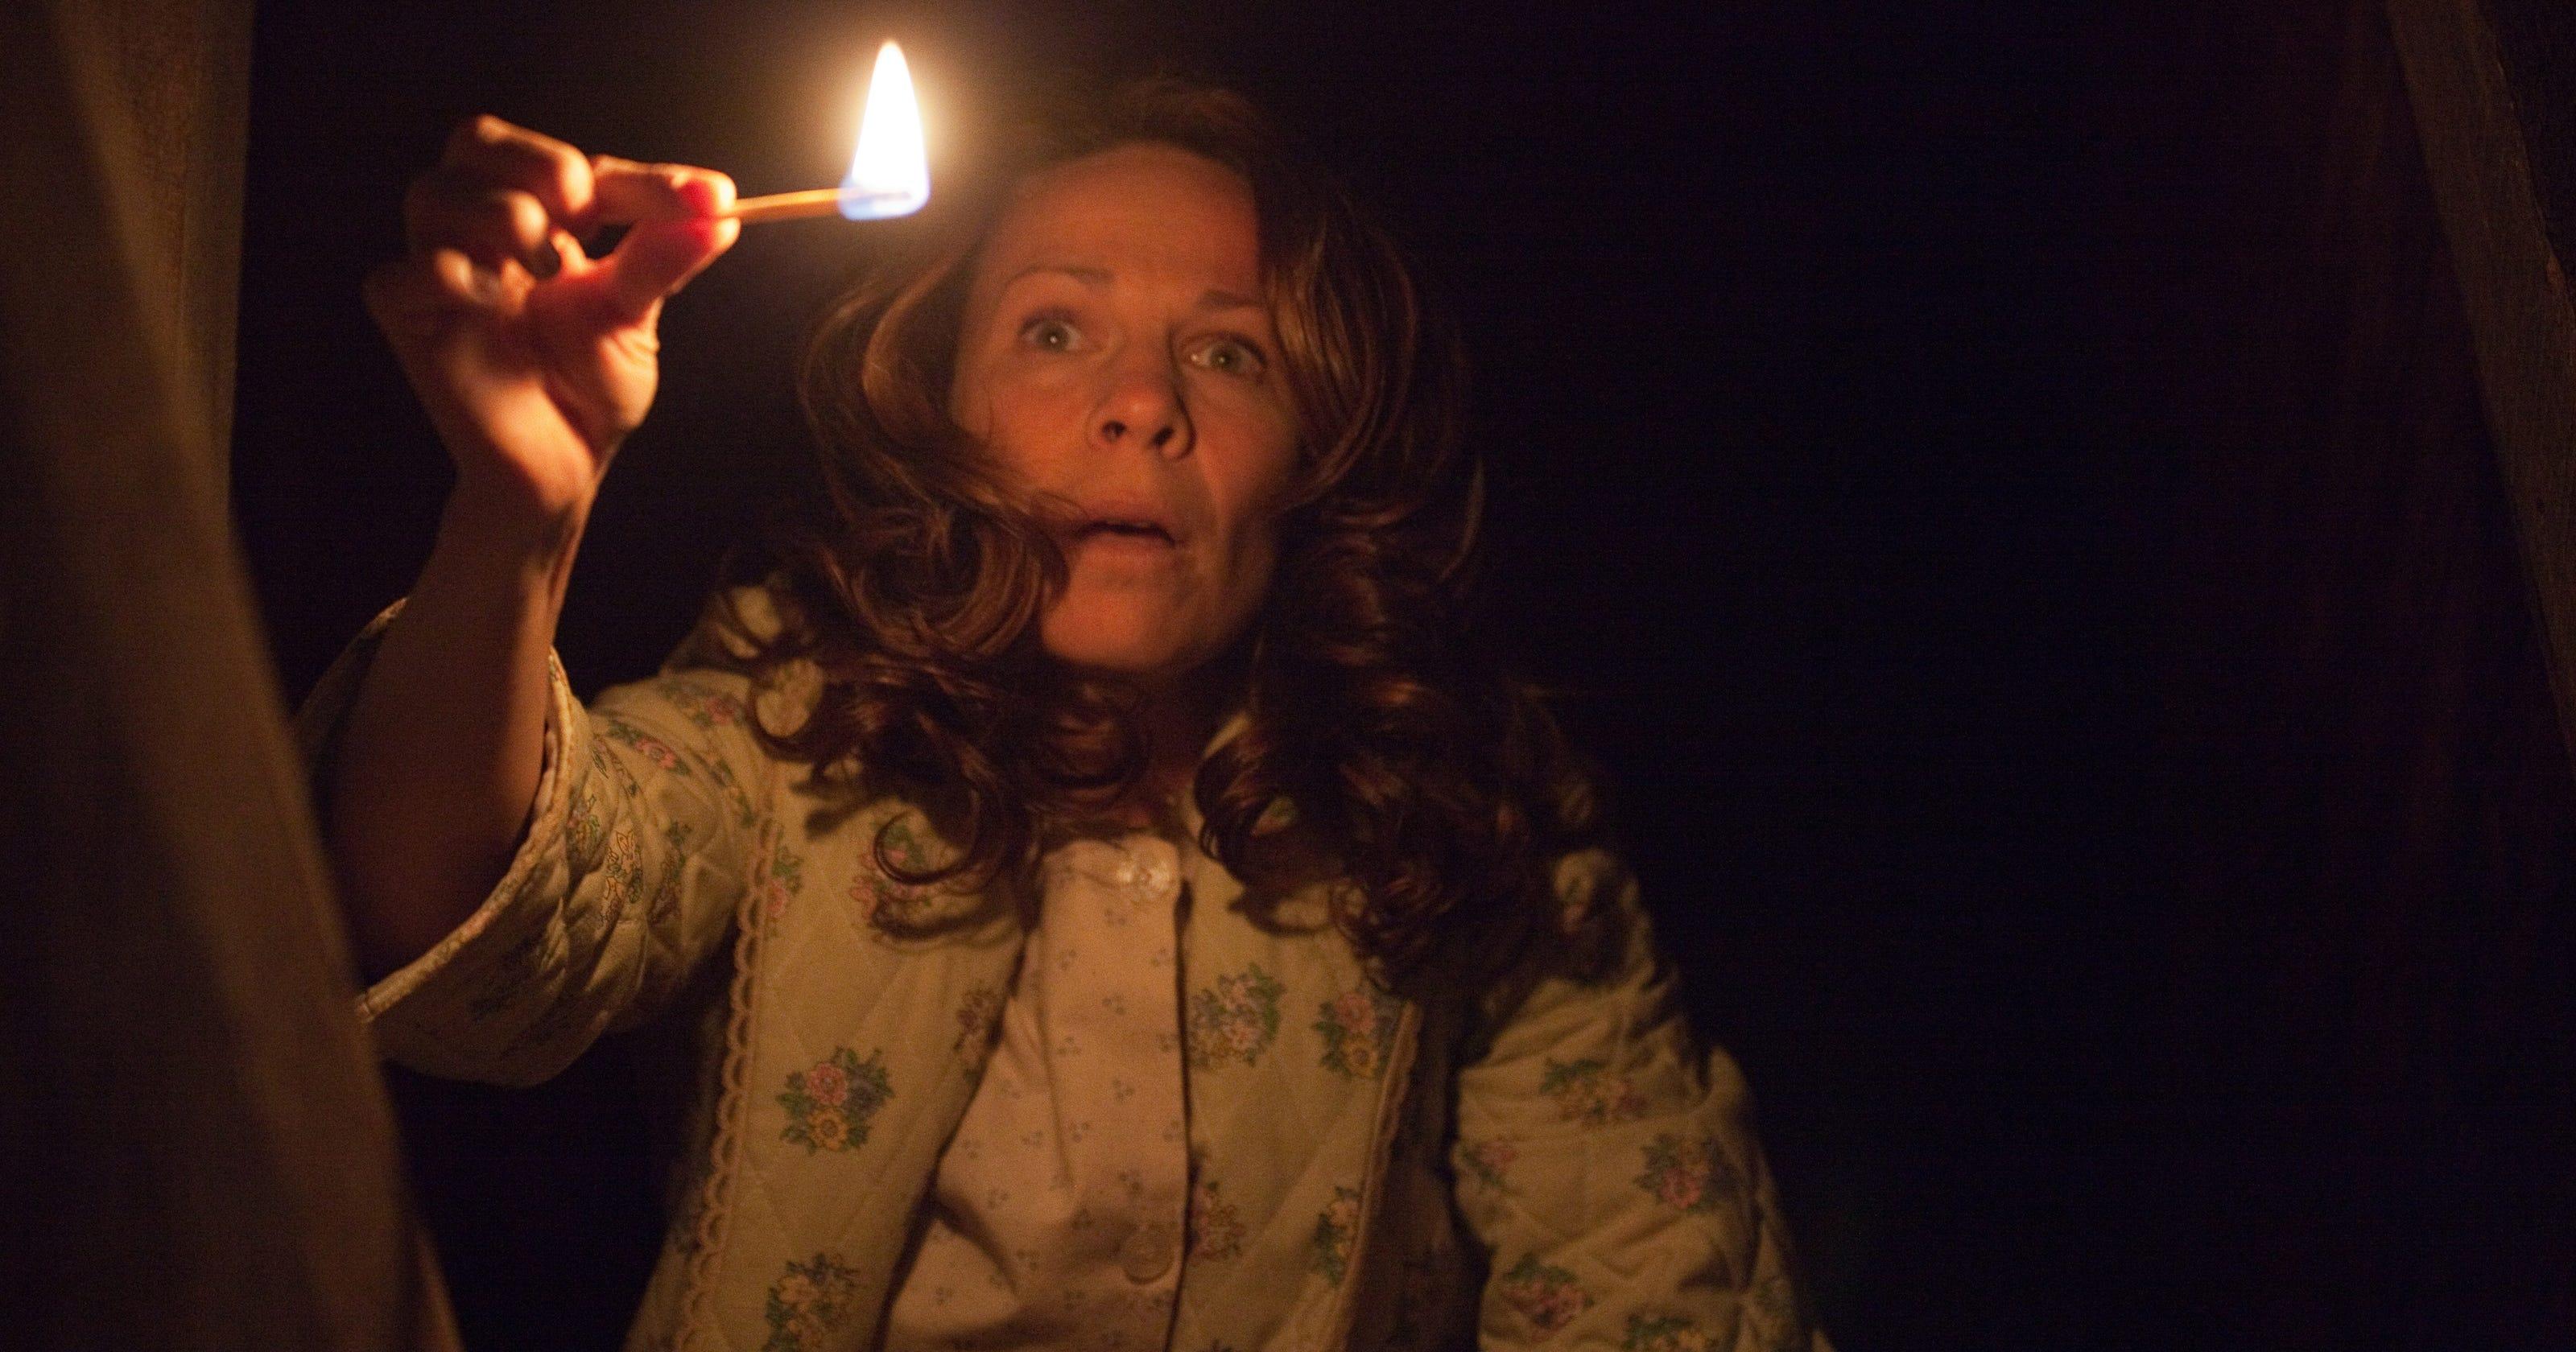 Risultati immagini per the conjuring movie